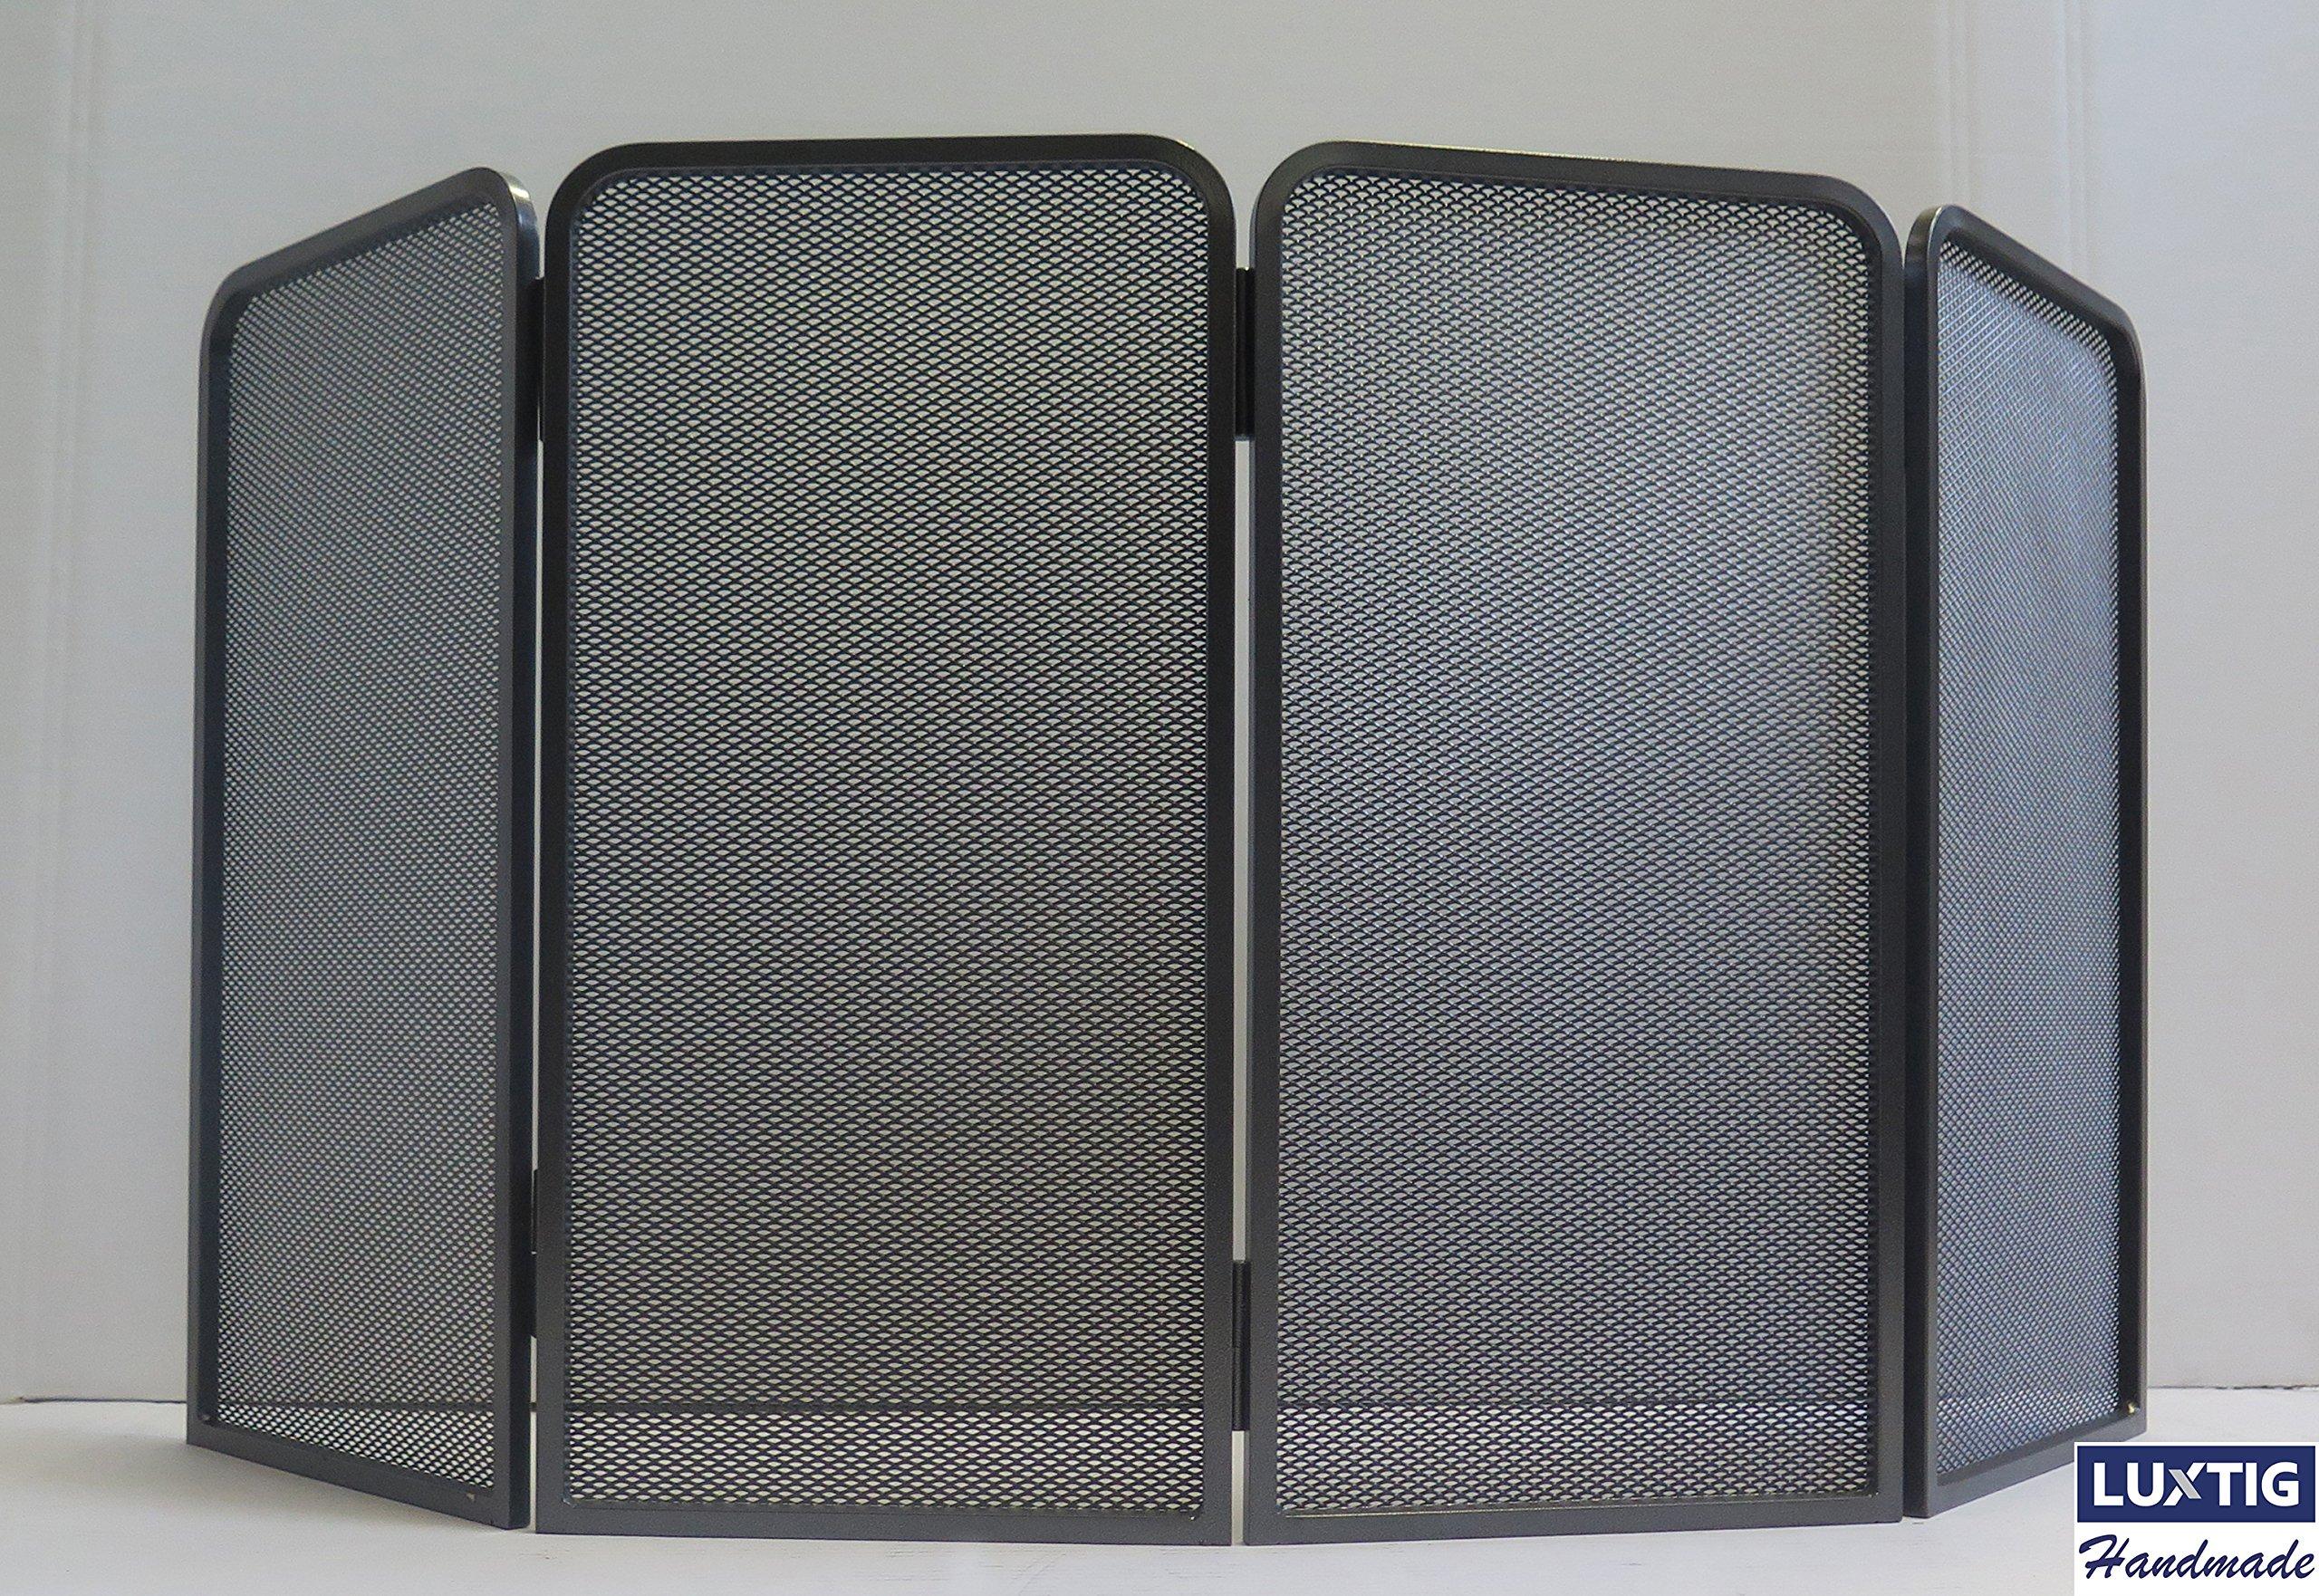 PARASCINTILLE accesorios para chimenea de hierro diseño con 4 puertas plegables 100 x 50 – Resistente Y estable – Negro – Linea accesorios luxtig: Amazon.es: Bricolaje y herramientas